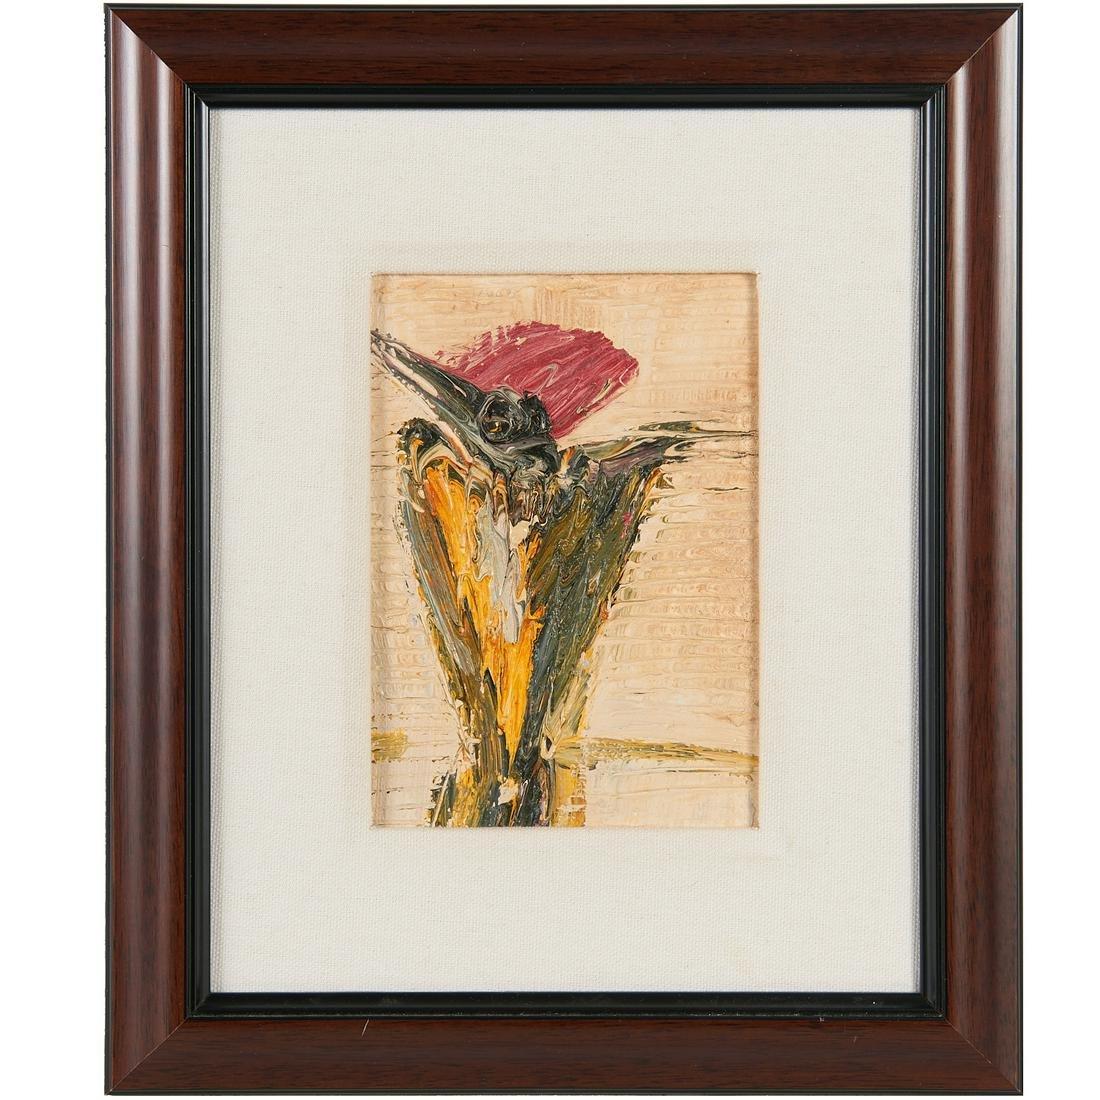 Hunt Slonem, oil on canvas, 2001